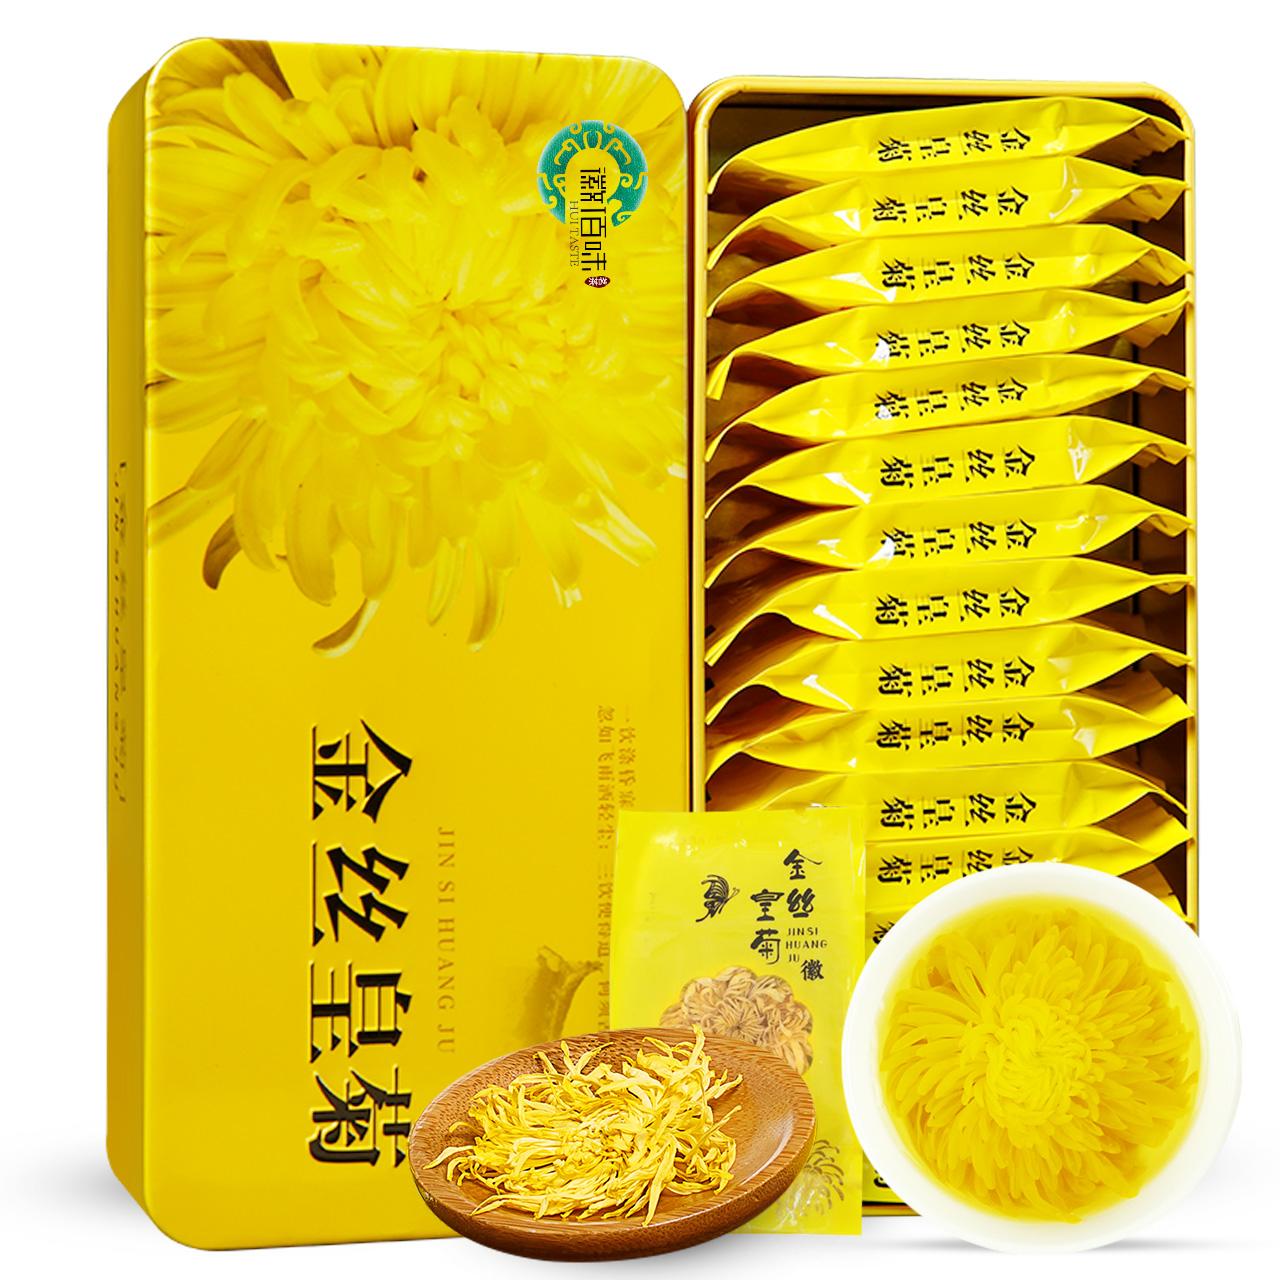 【拍3件】特级金丝皇菊礼盒装3件共54朵